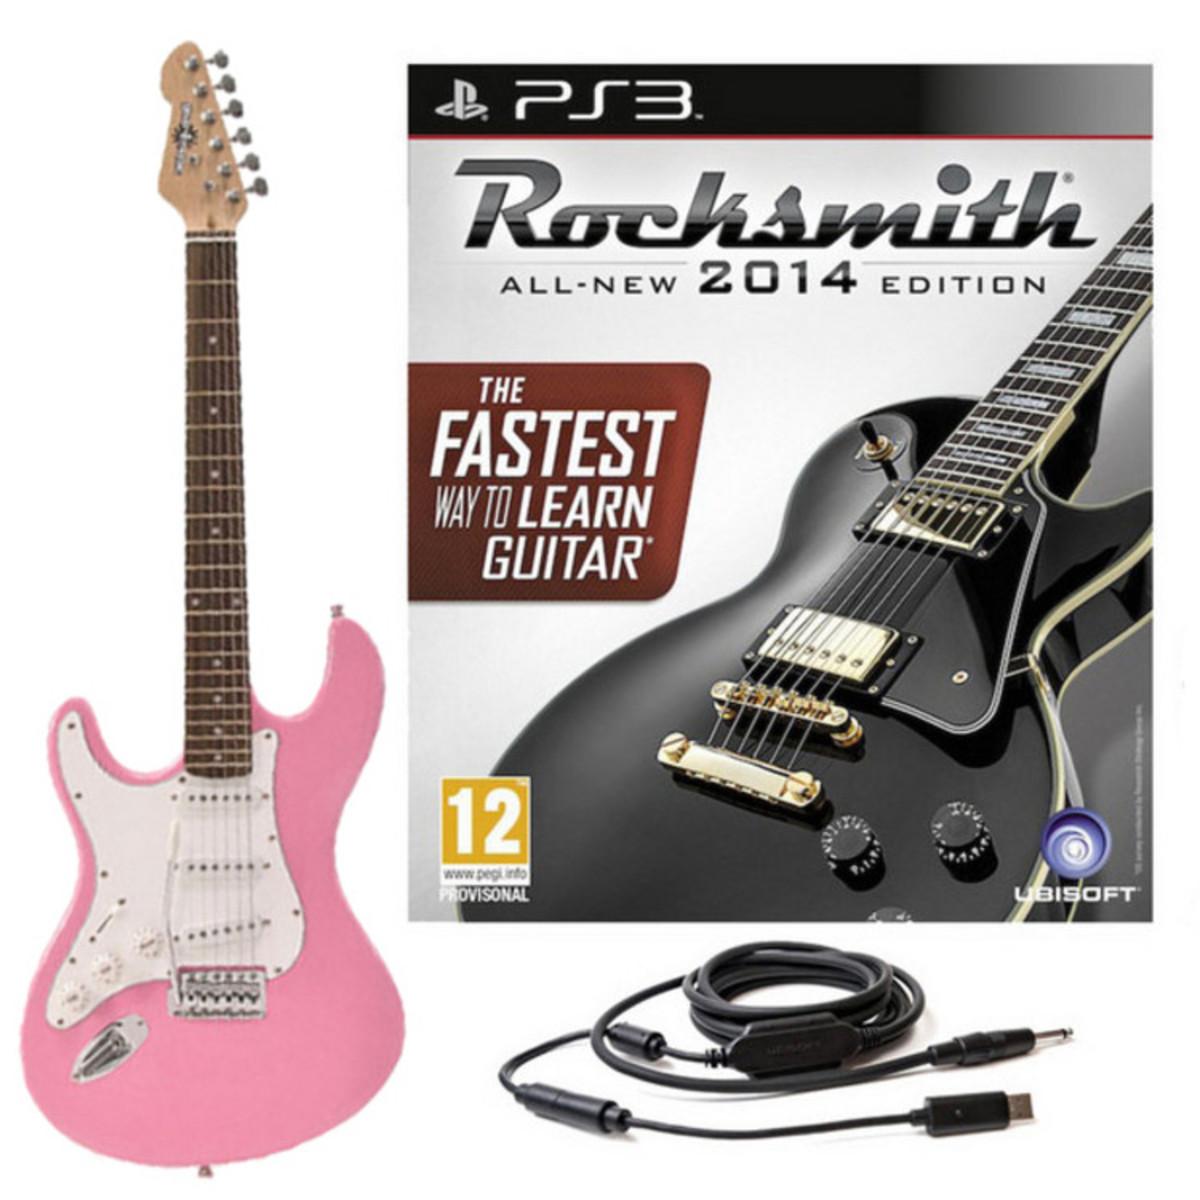 Scheibe Rocksmith 2014 PS3 + LA verließ übergab E-Gitarre, Pink bei ...